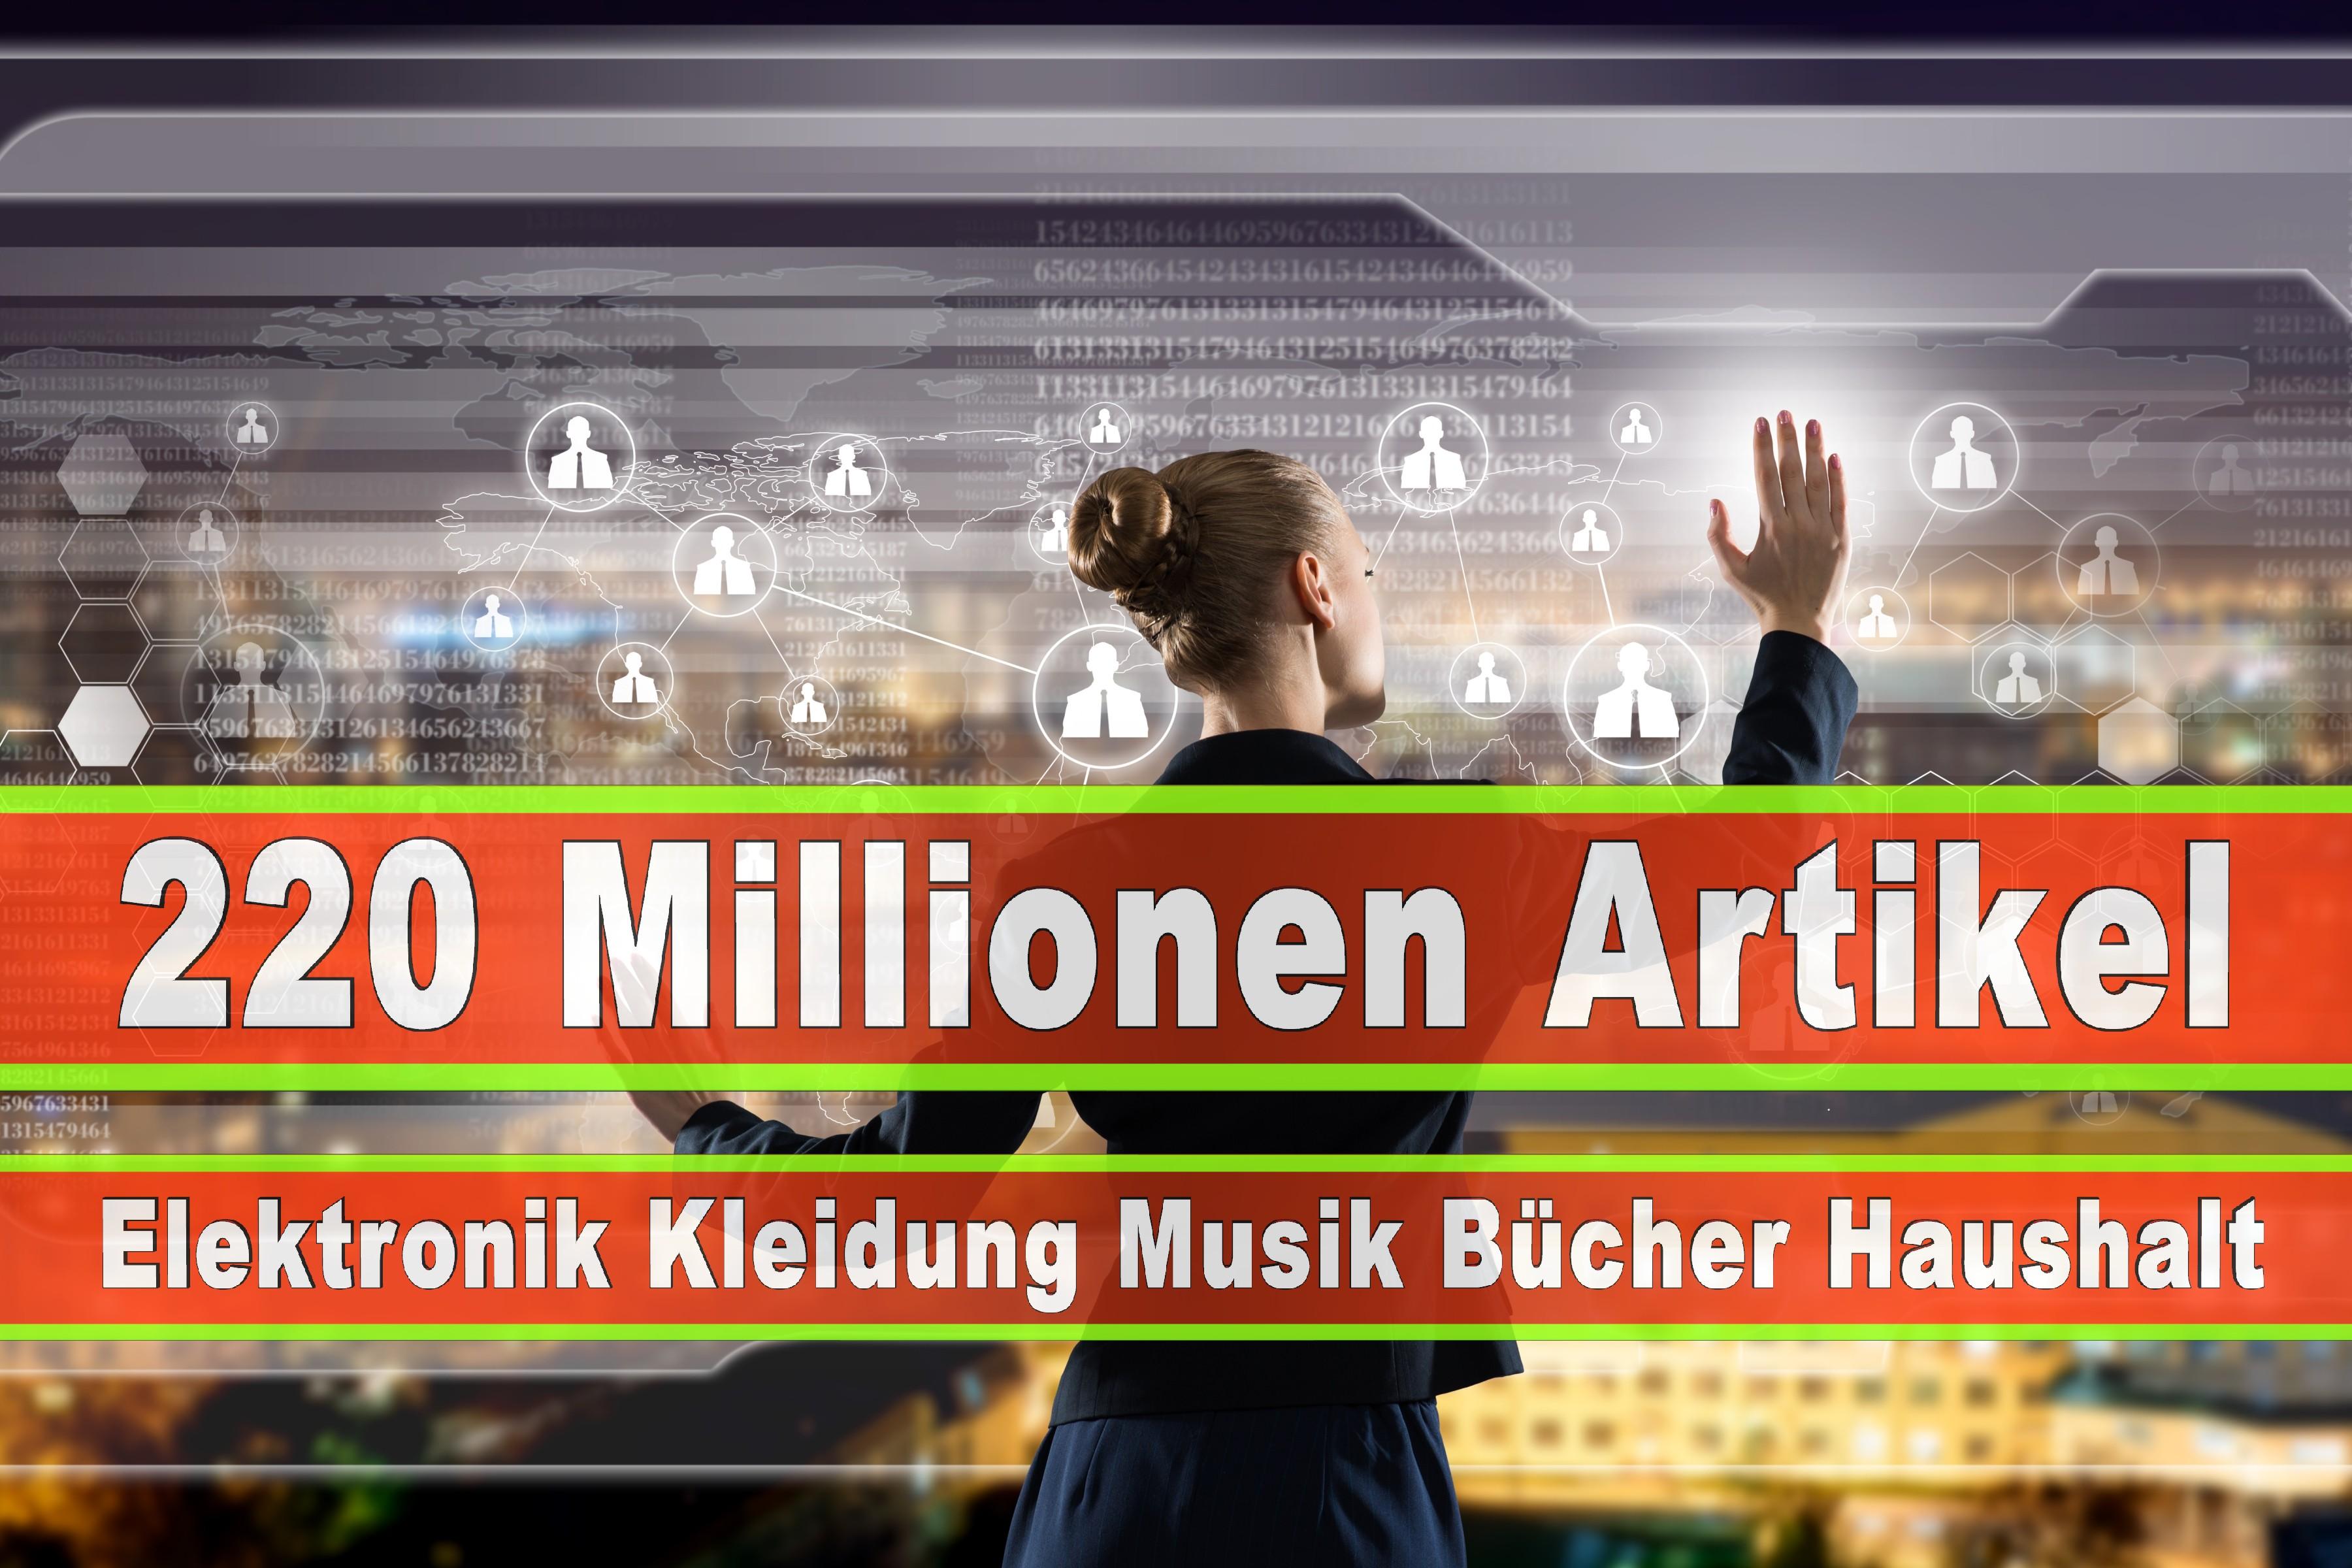 Amazon Elektronik Musik Haushalt Bücher CD DVD Handys Smartphones TV Television Fernseher Kleidung Mode Ebay Versandhaus (161)